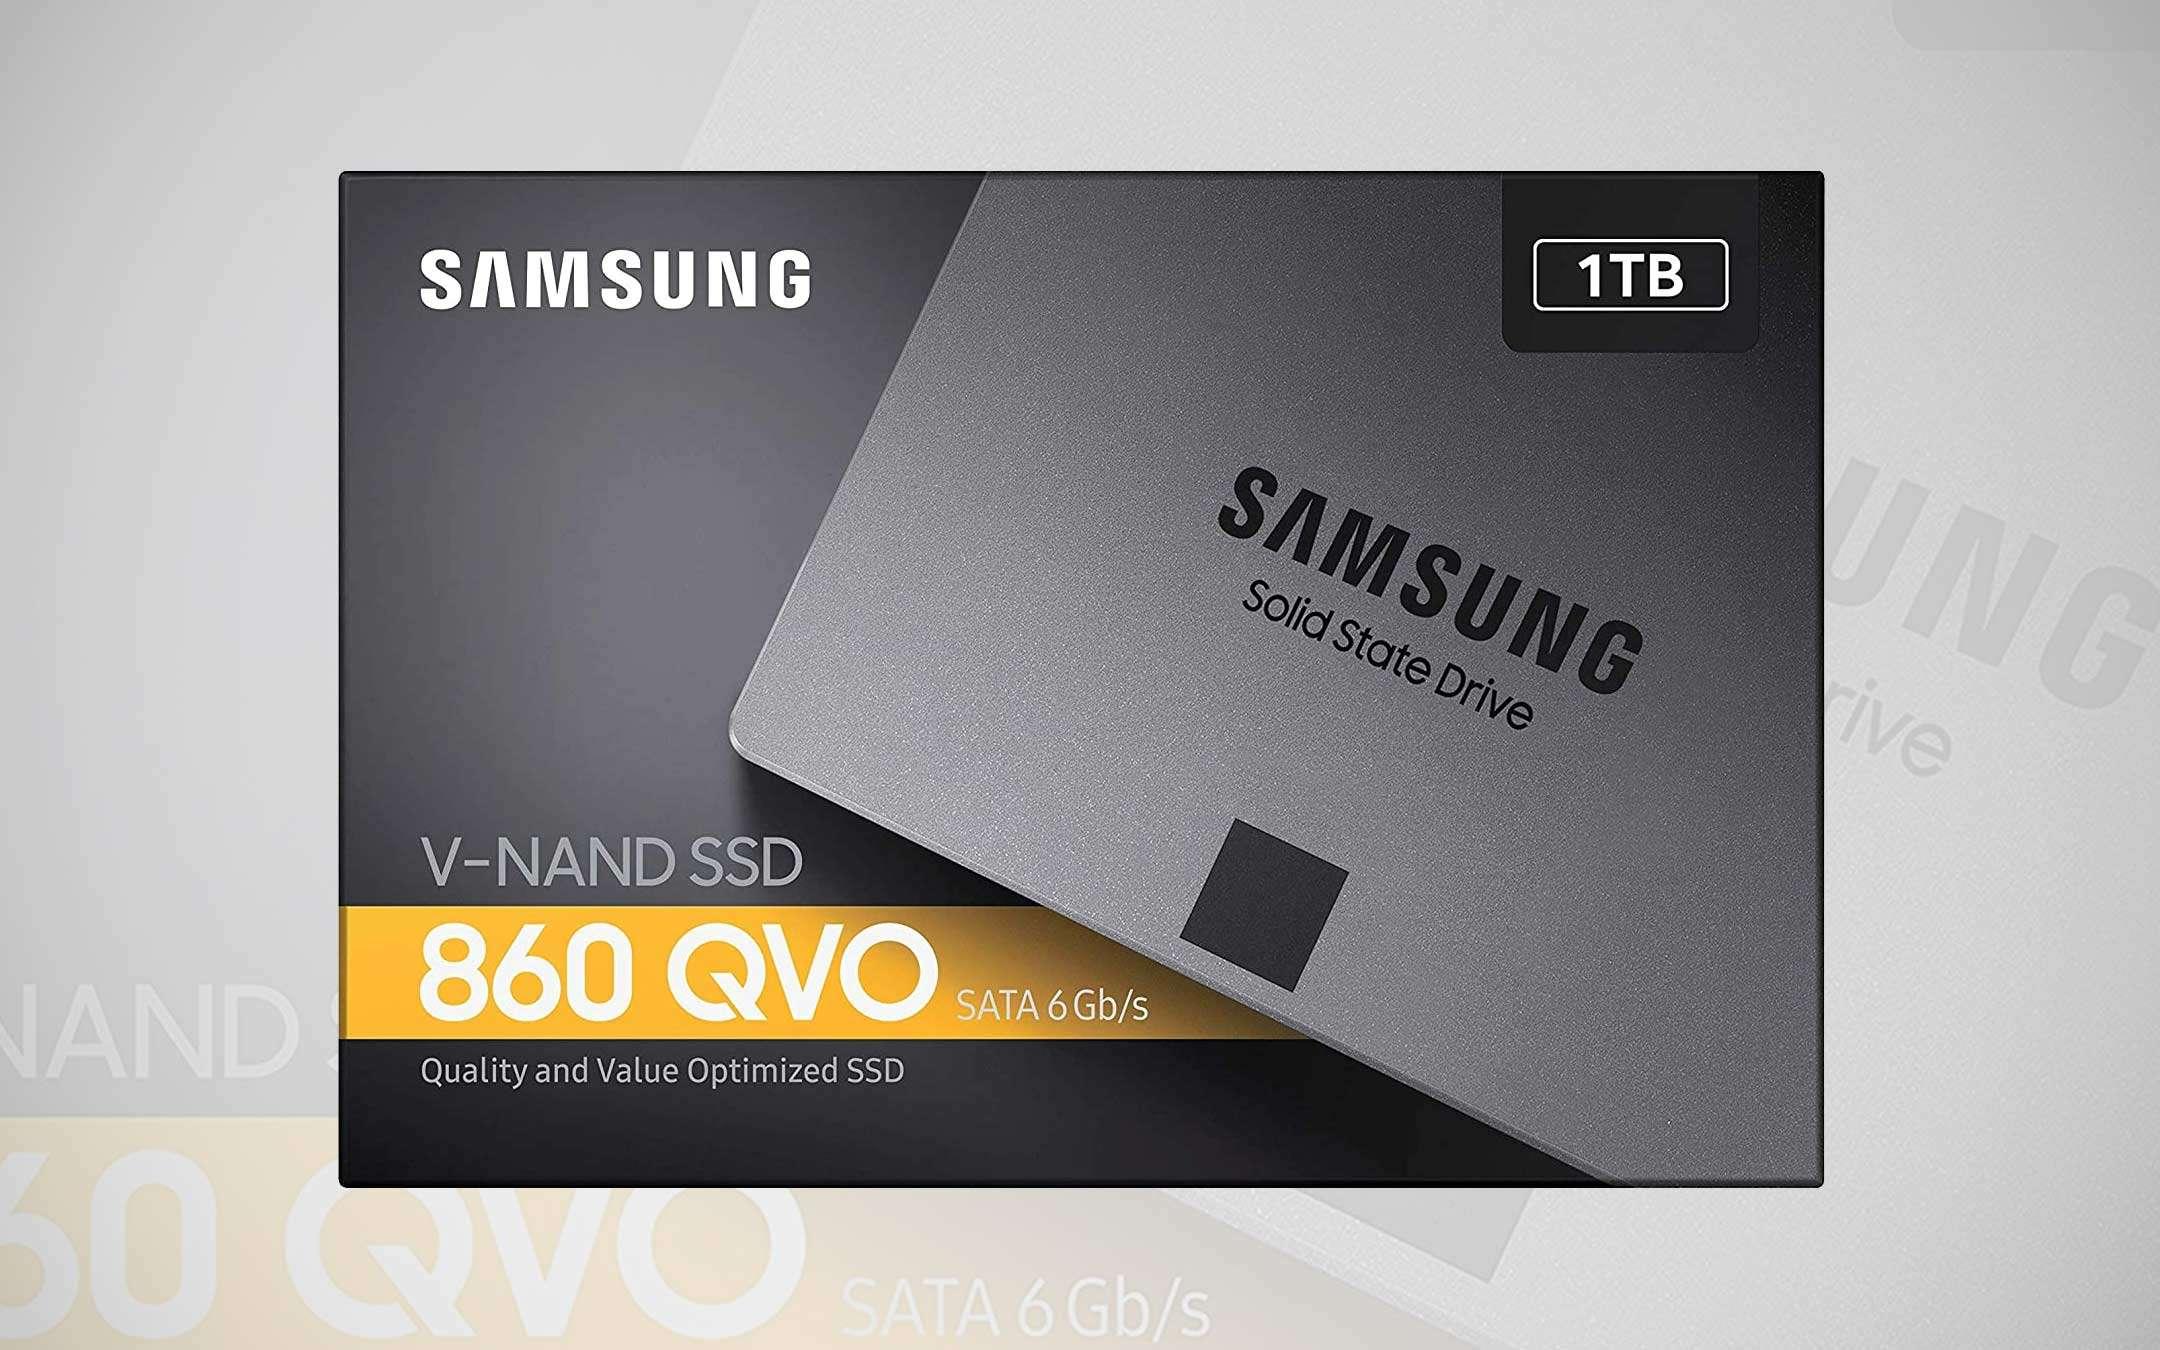 Samsung SSD 1 TB (860 QVO), discount -38%: a bargain